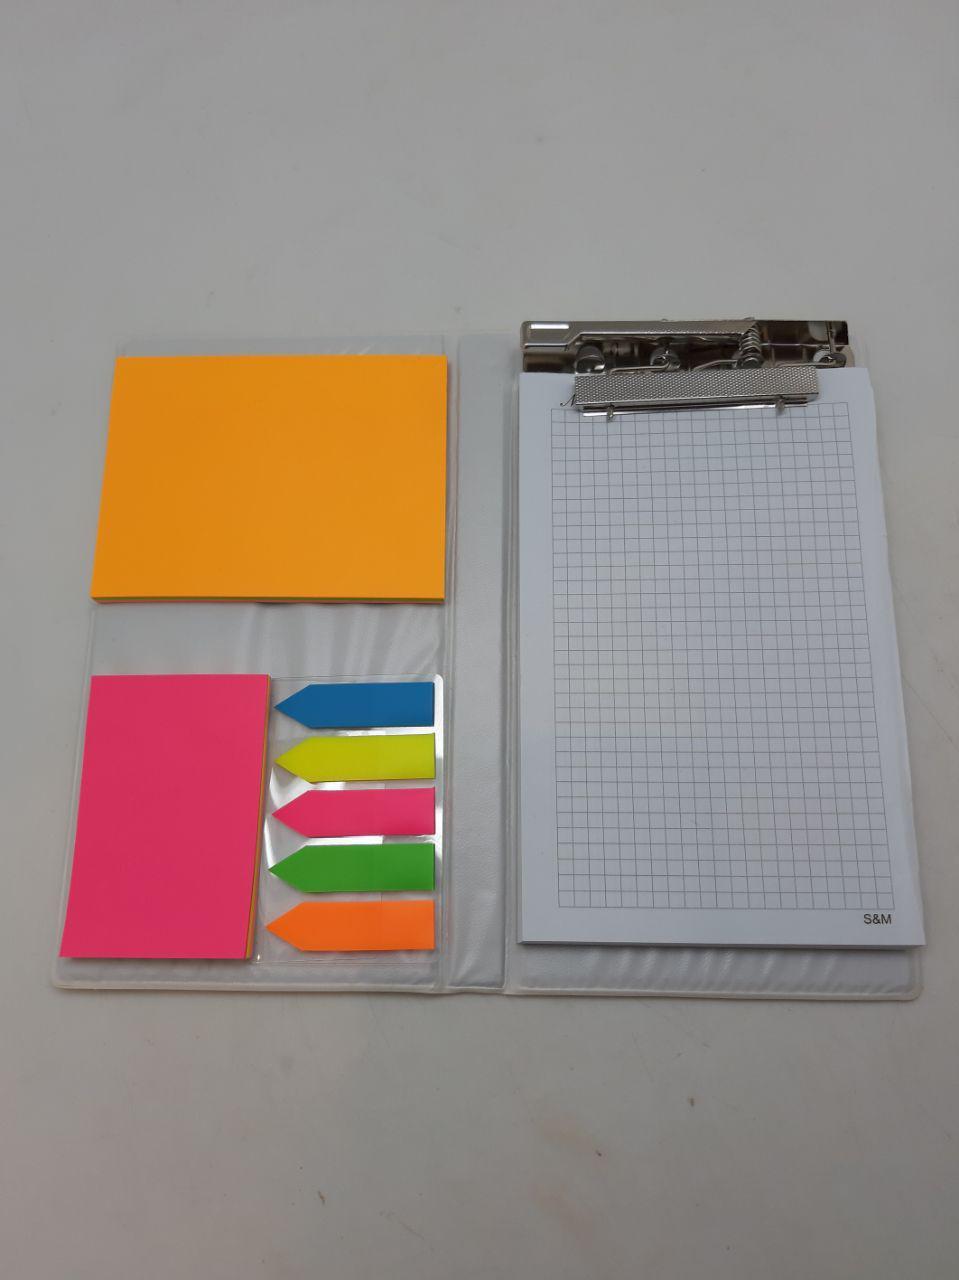 آموزش ساخت دفترچه یادداشت 11 8